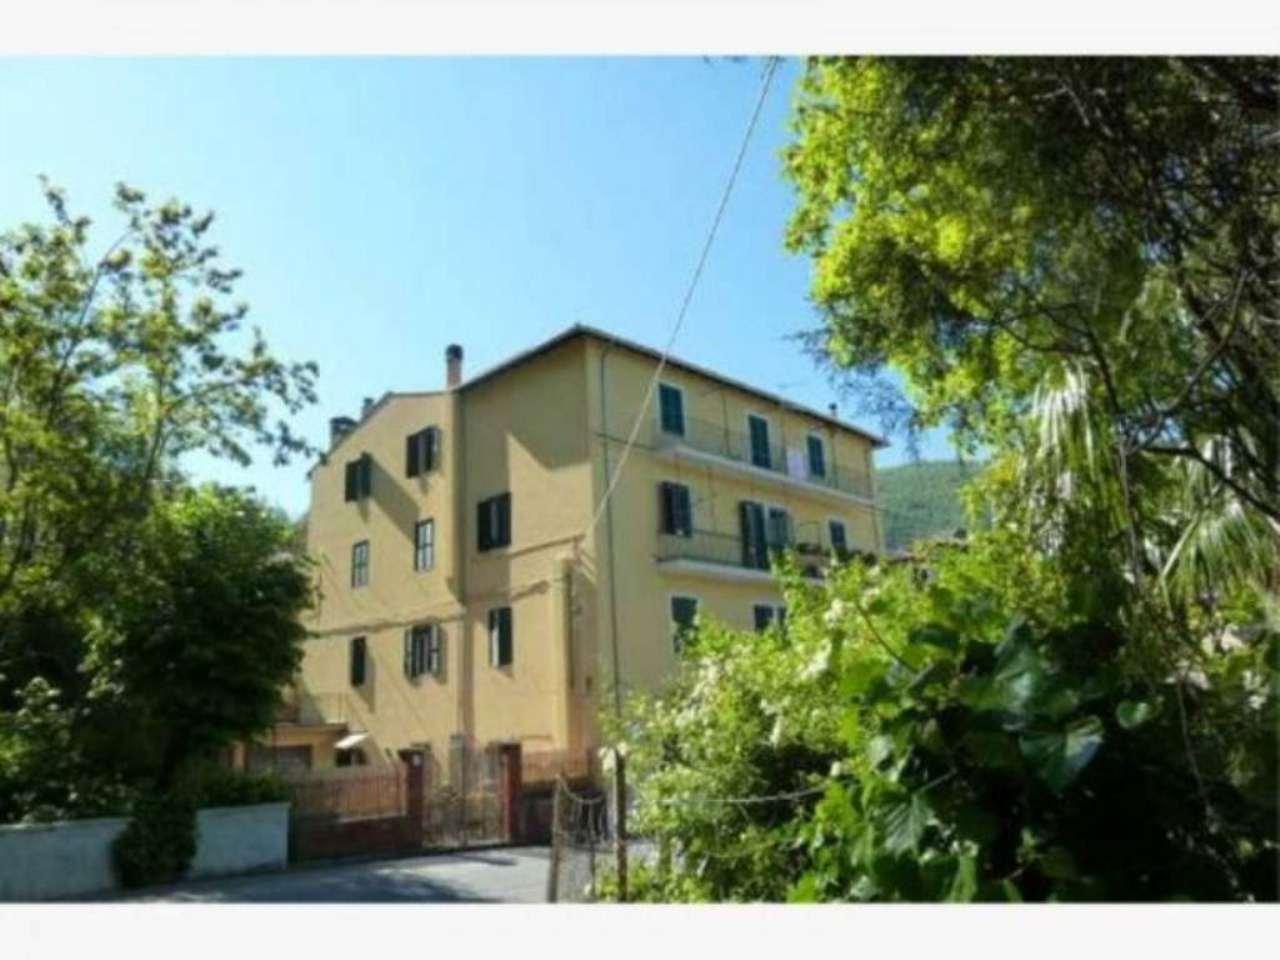 Appartamento in vendita a Pereto, 3 locali, prezzo € 65.000 | Cambio Casa.it